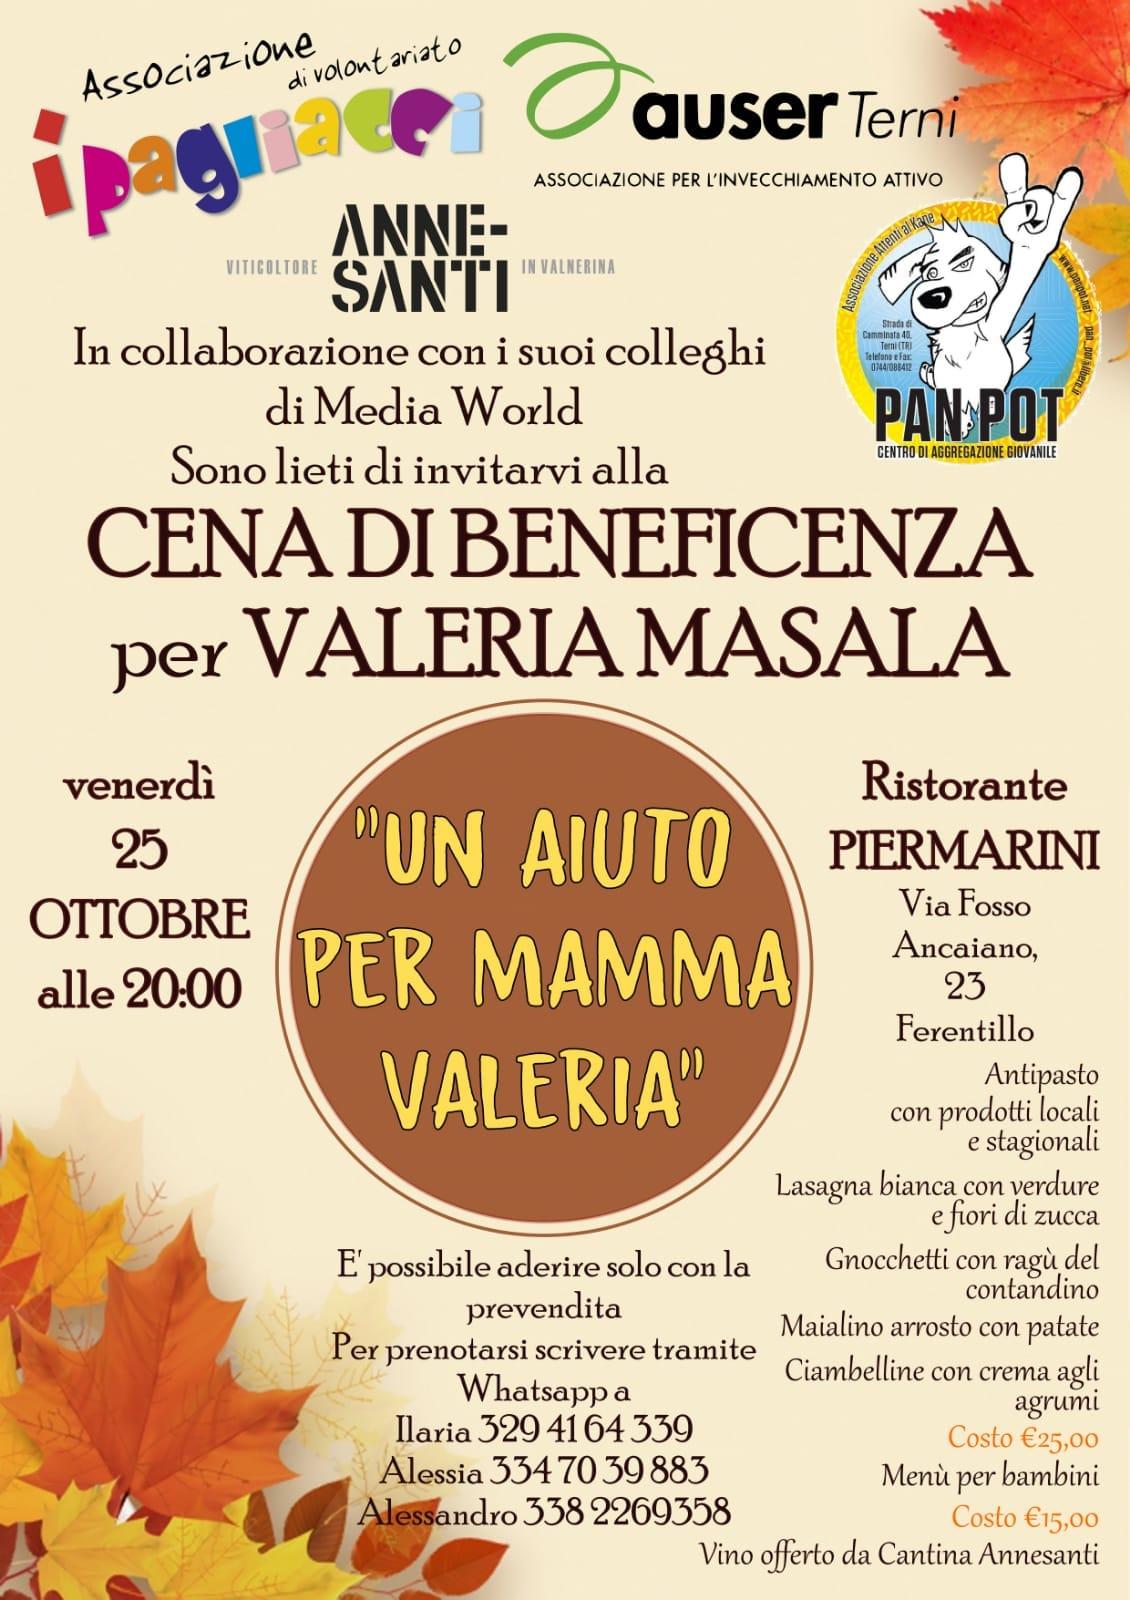 Cena di beneficenza per Valeria Masala